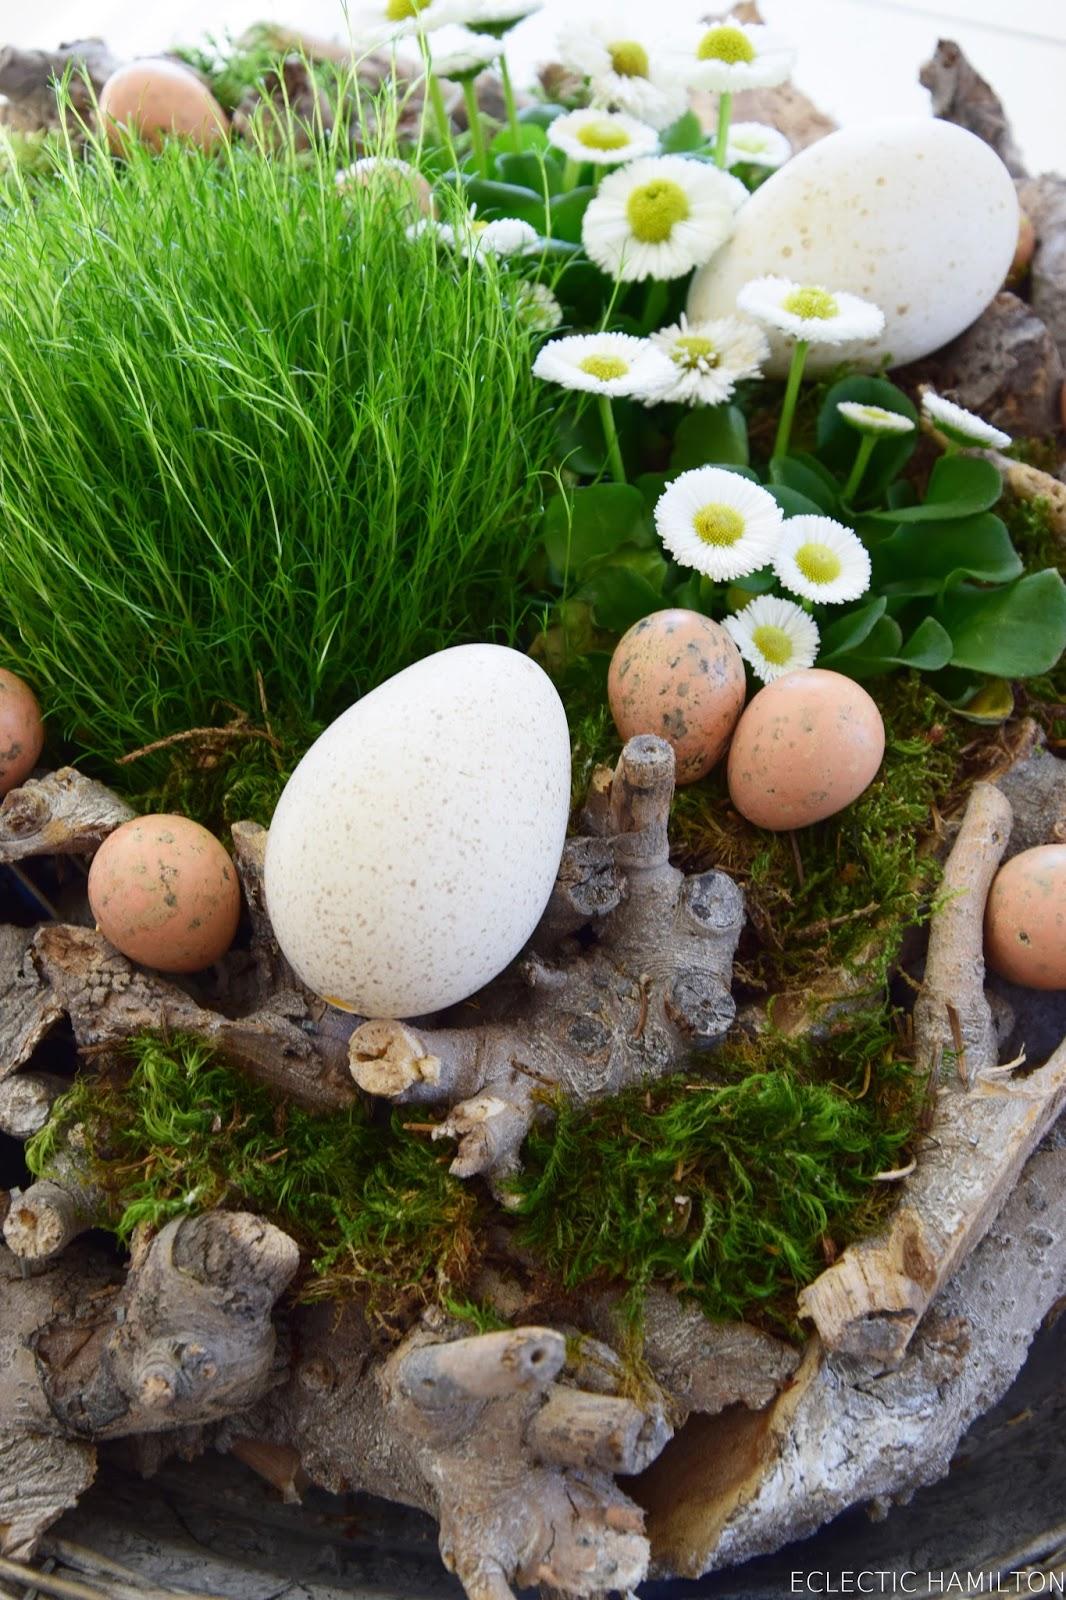 Von fr hling zu ostern in wenigen minuten eclectic hamilton - Holzkranz dekorieren ...